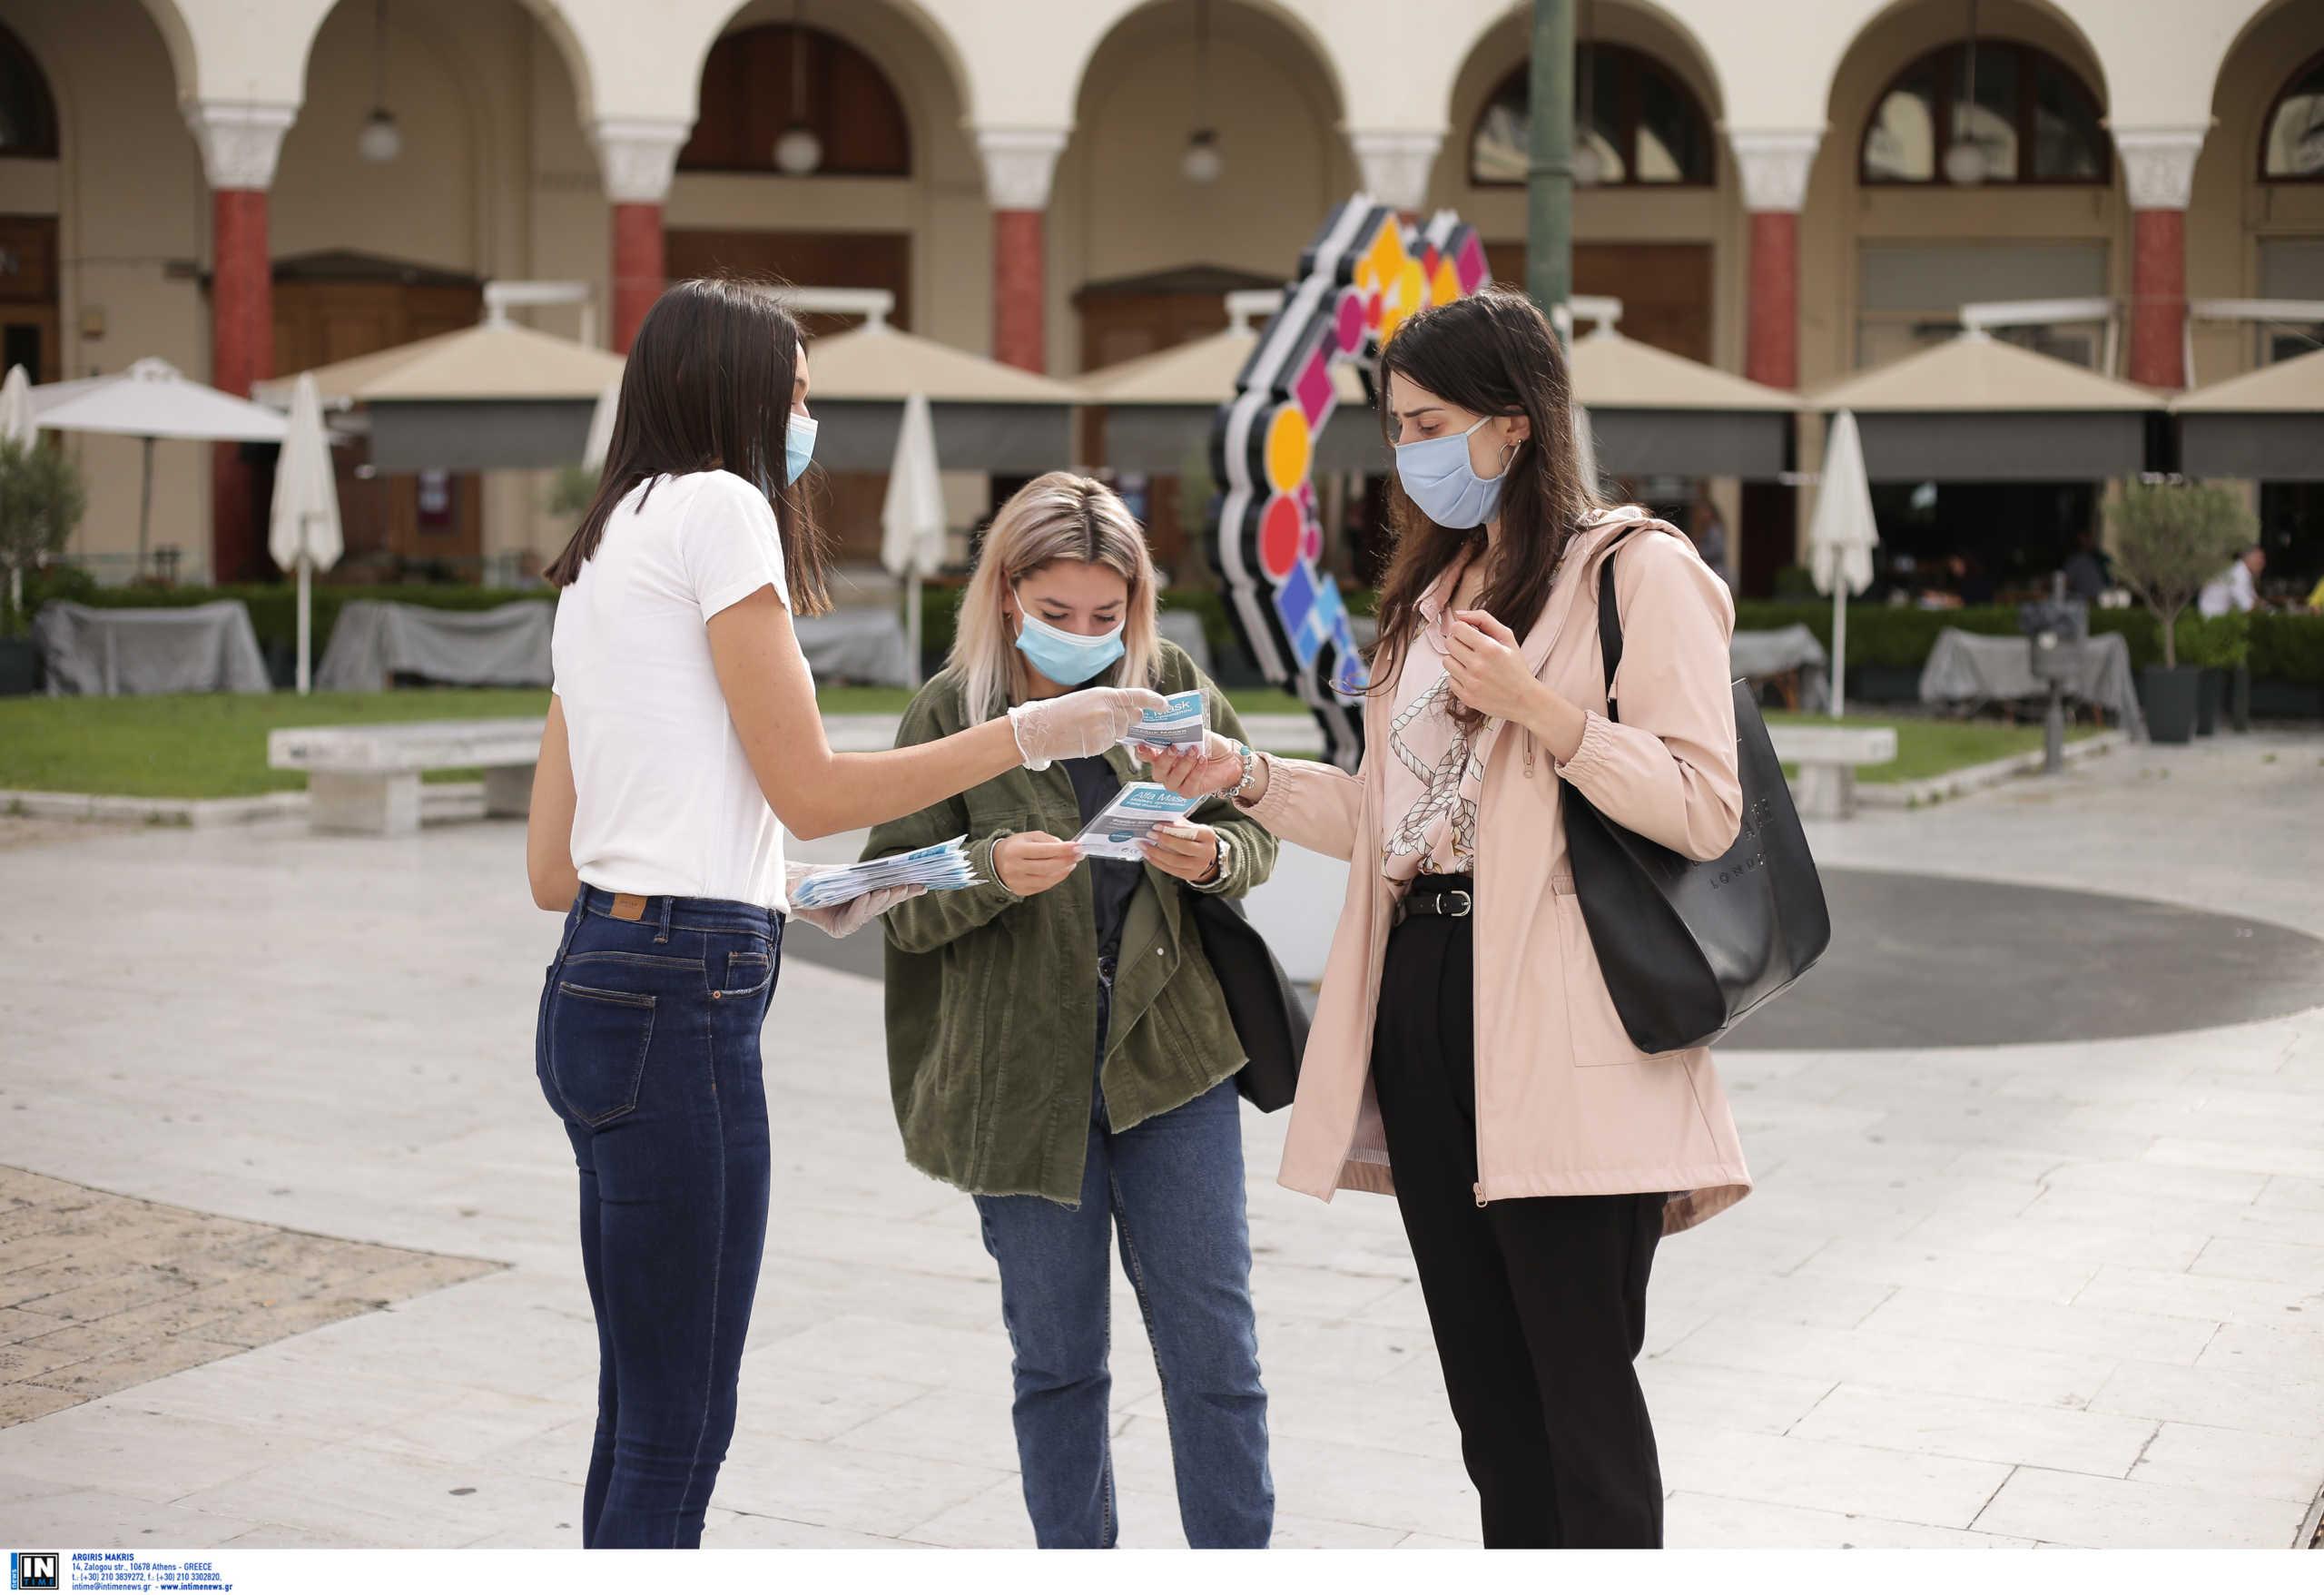 Κορονοϊός: Με τη… βούλα του ΦΕΚ μάσκα σε εξωτερικούς χώρους – Ποιες περιοχές αφορά